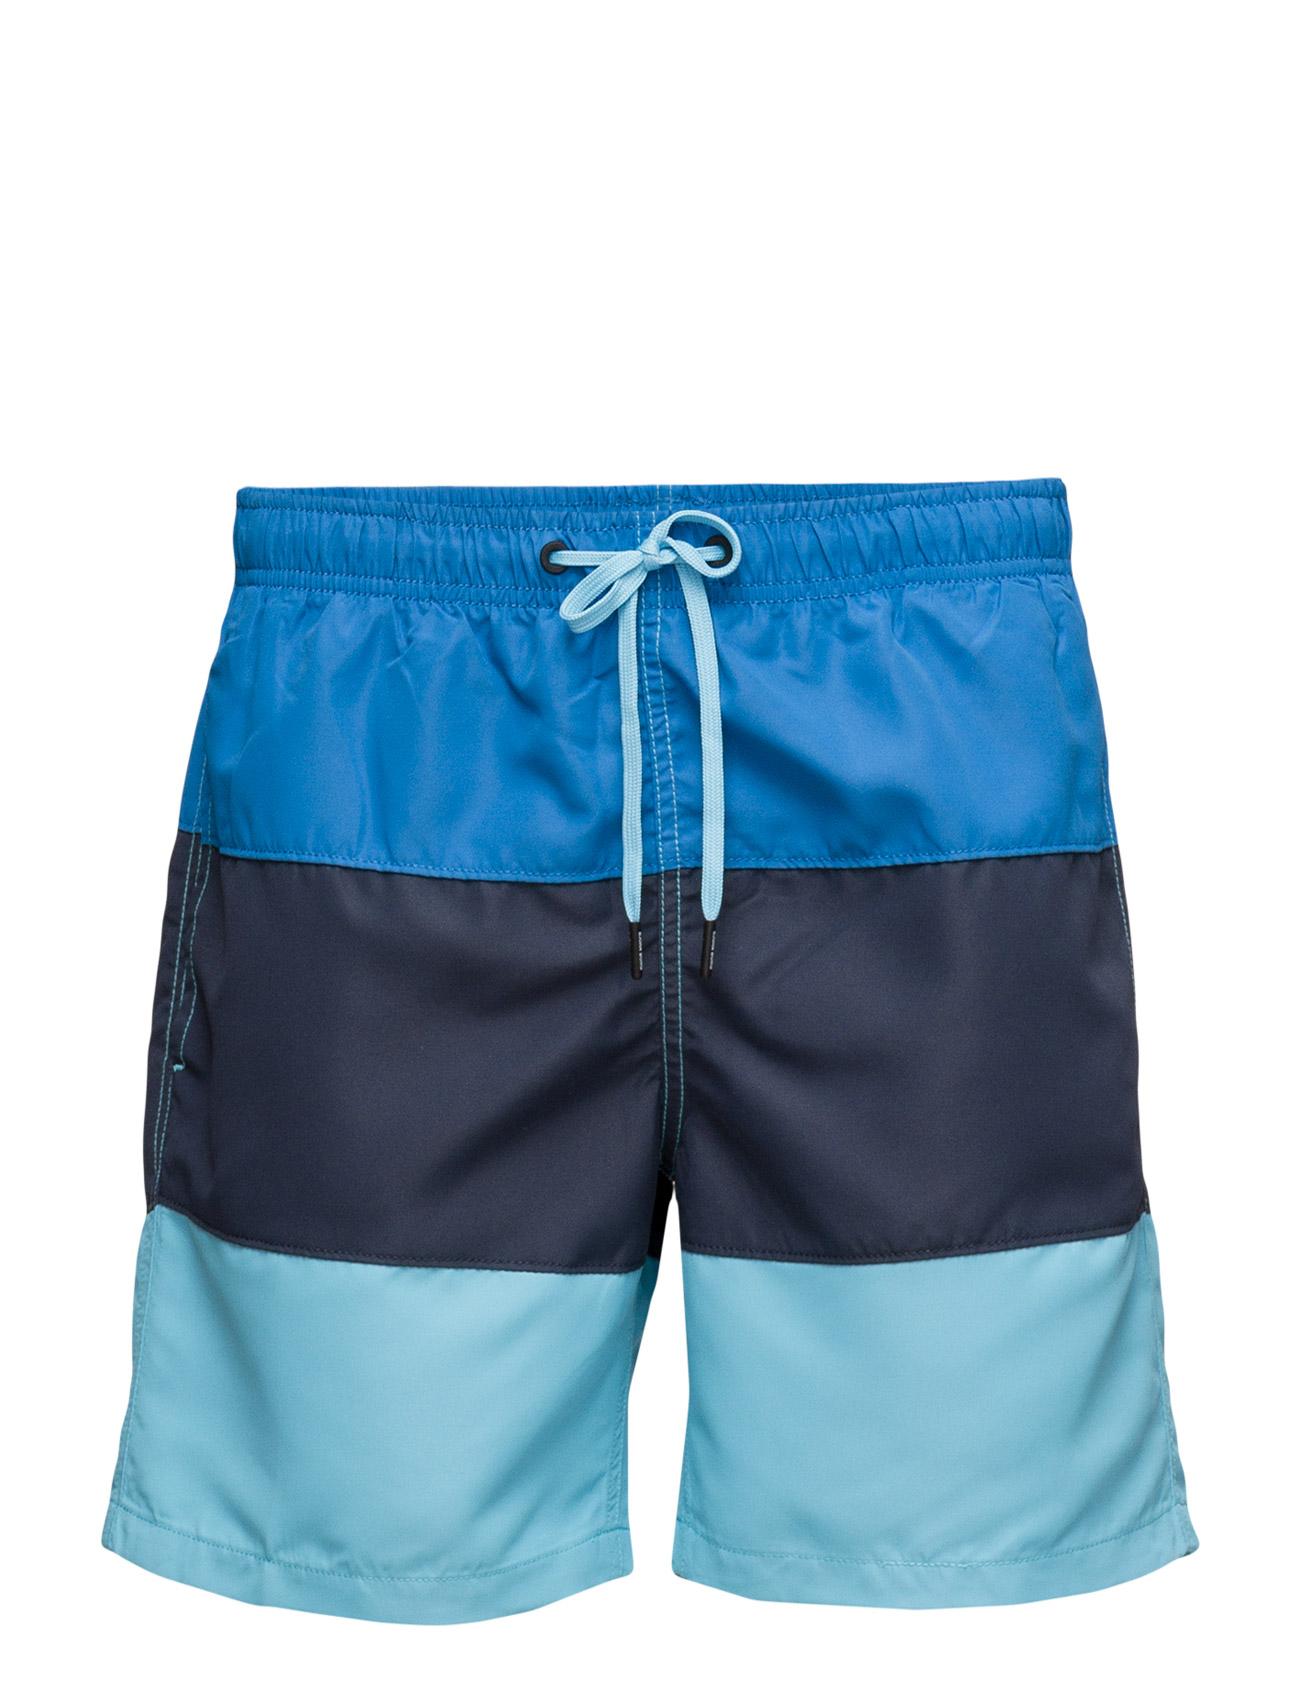 Loose Shorts C.B. 1, Colourblock, 1-P Bjˆrn Borg Shorts til Herrer i